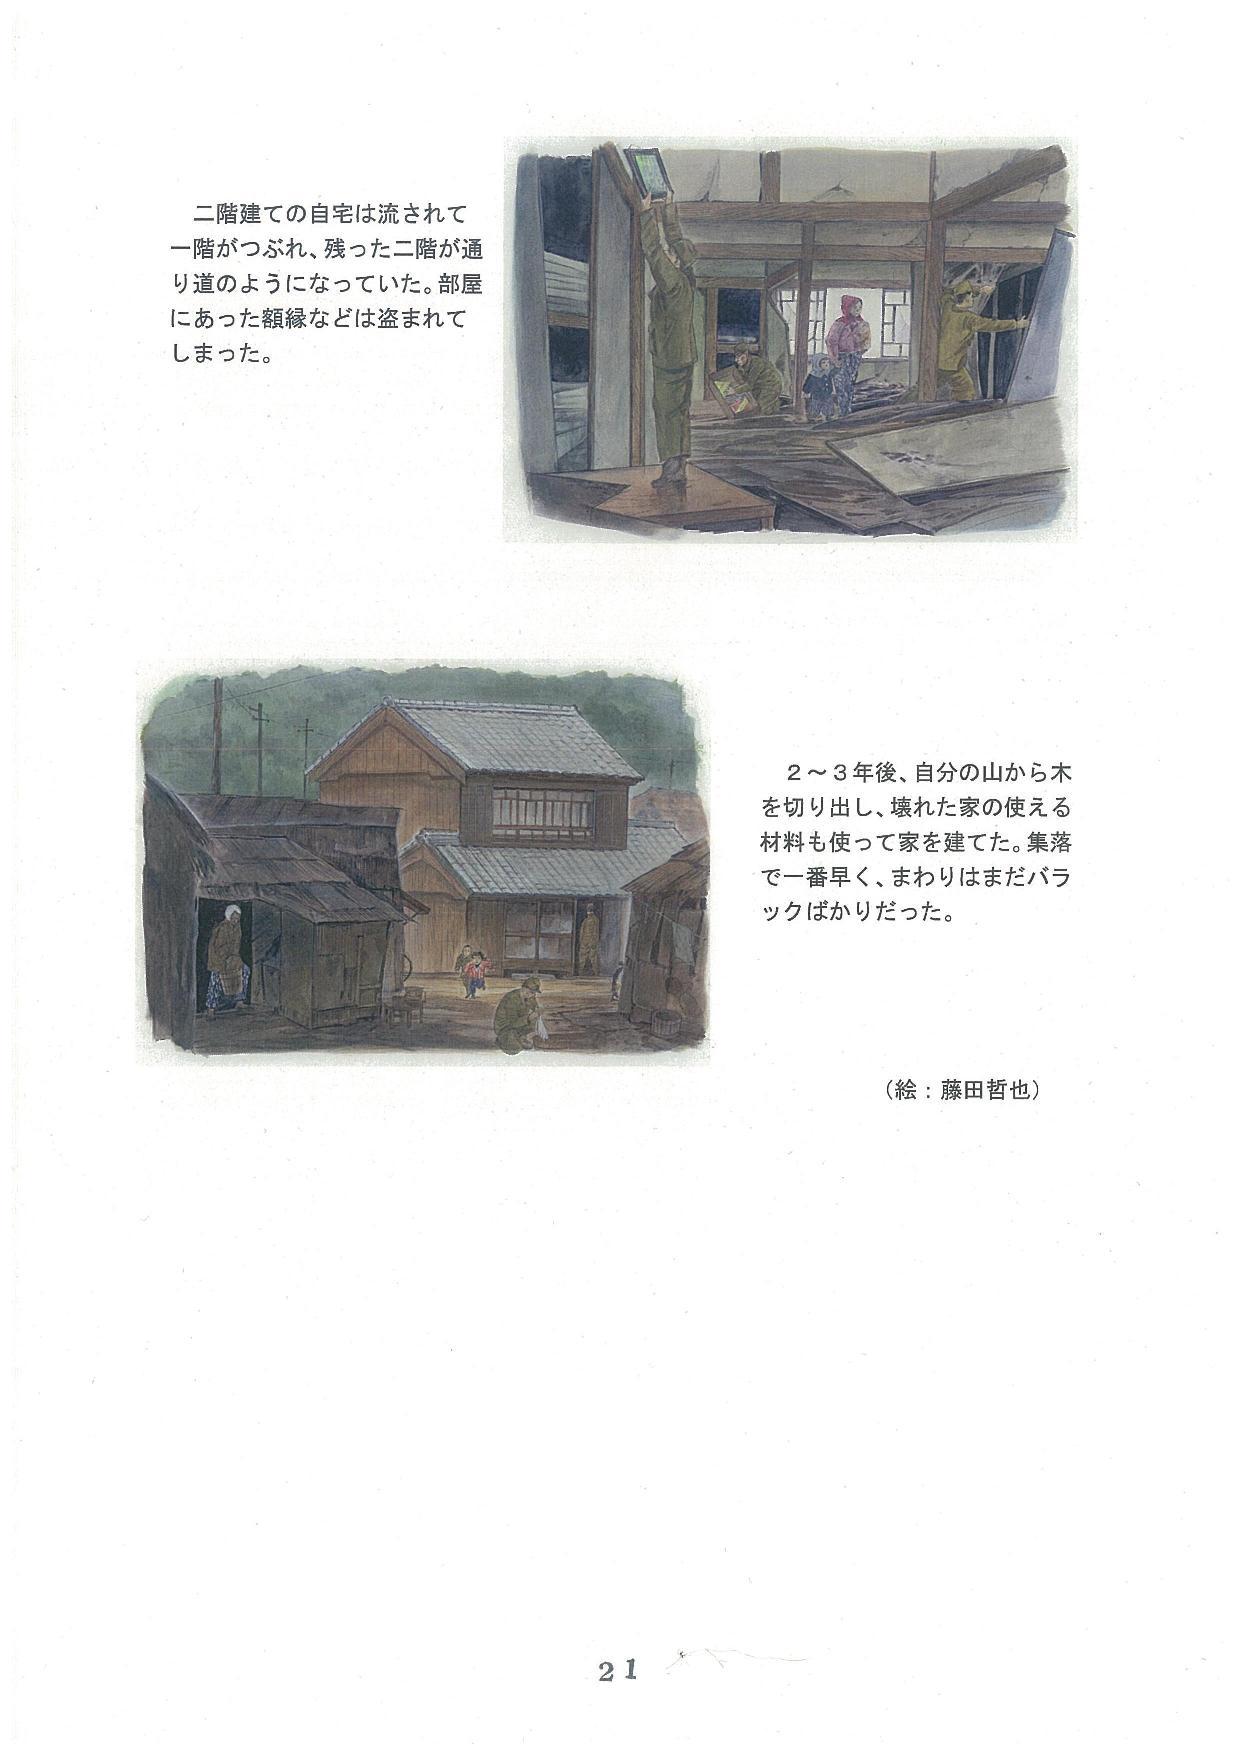 20171208-02_ページ_21